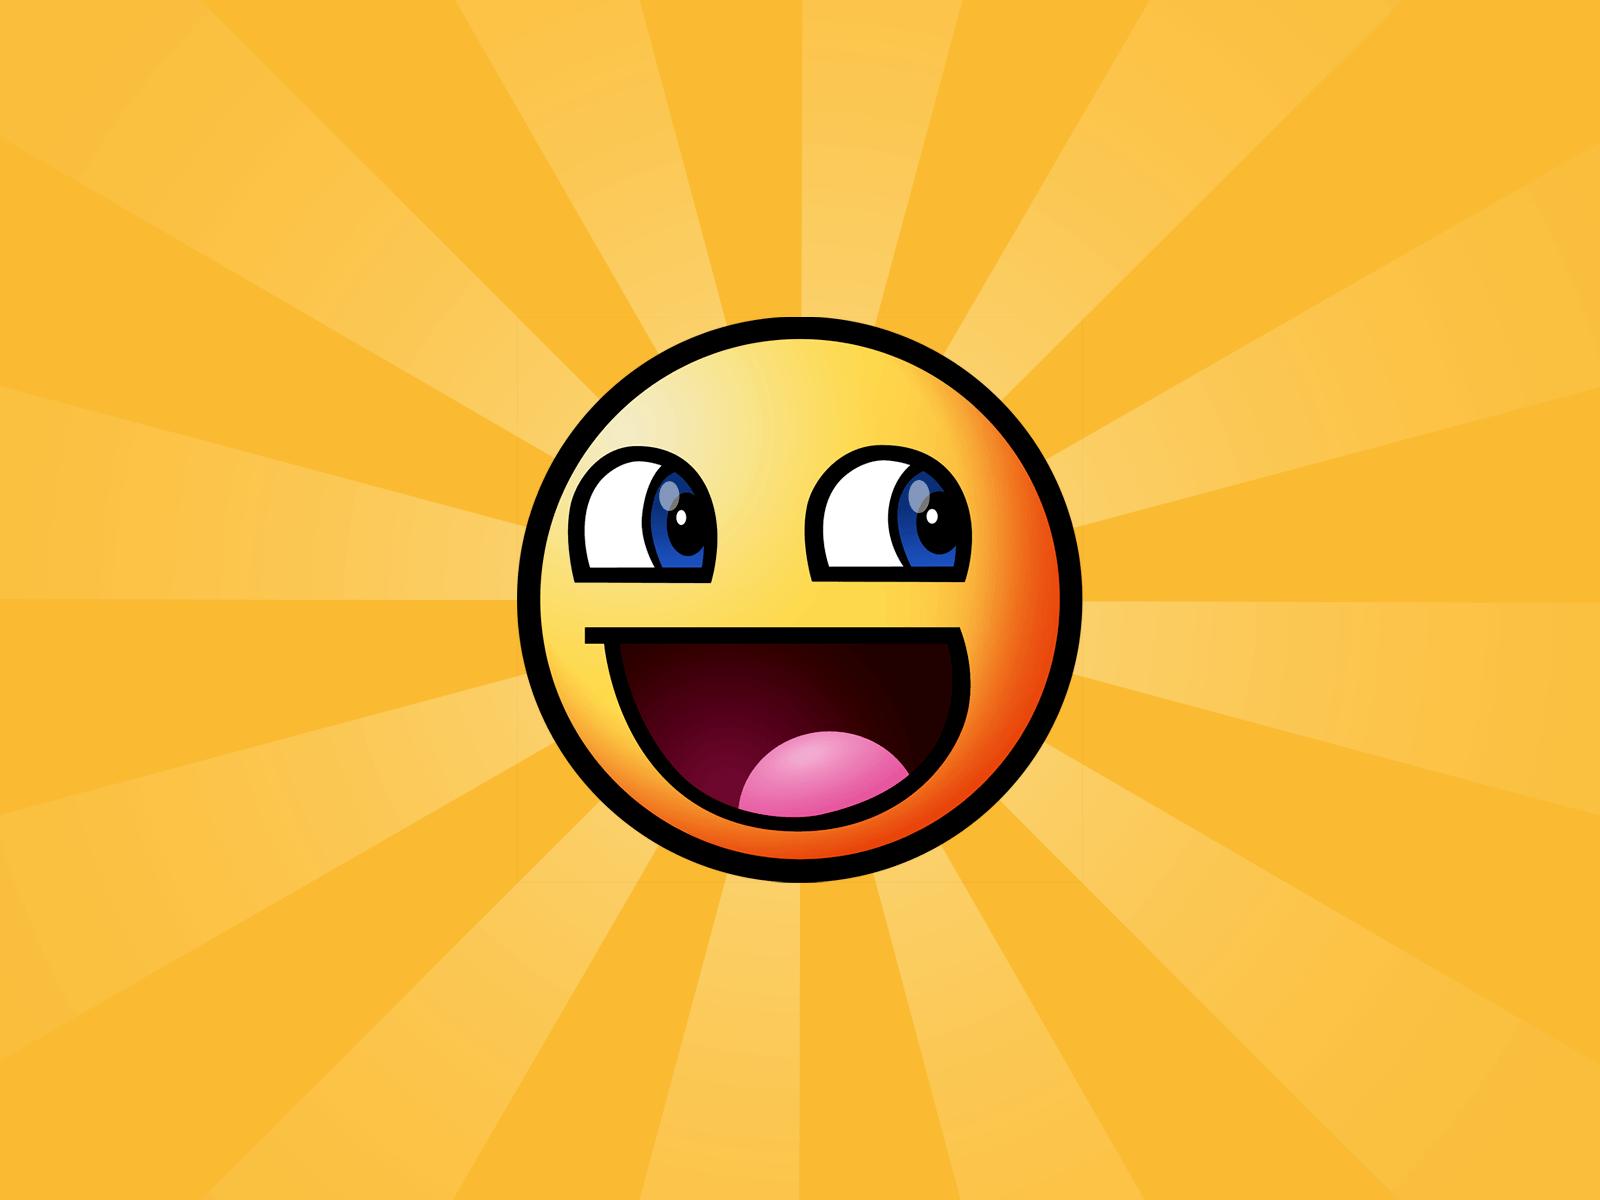 Smiley Faces Desktop Backgrounds 1600x1200